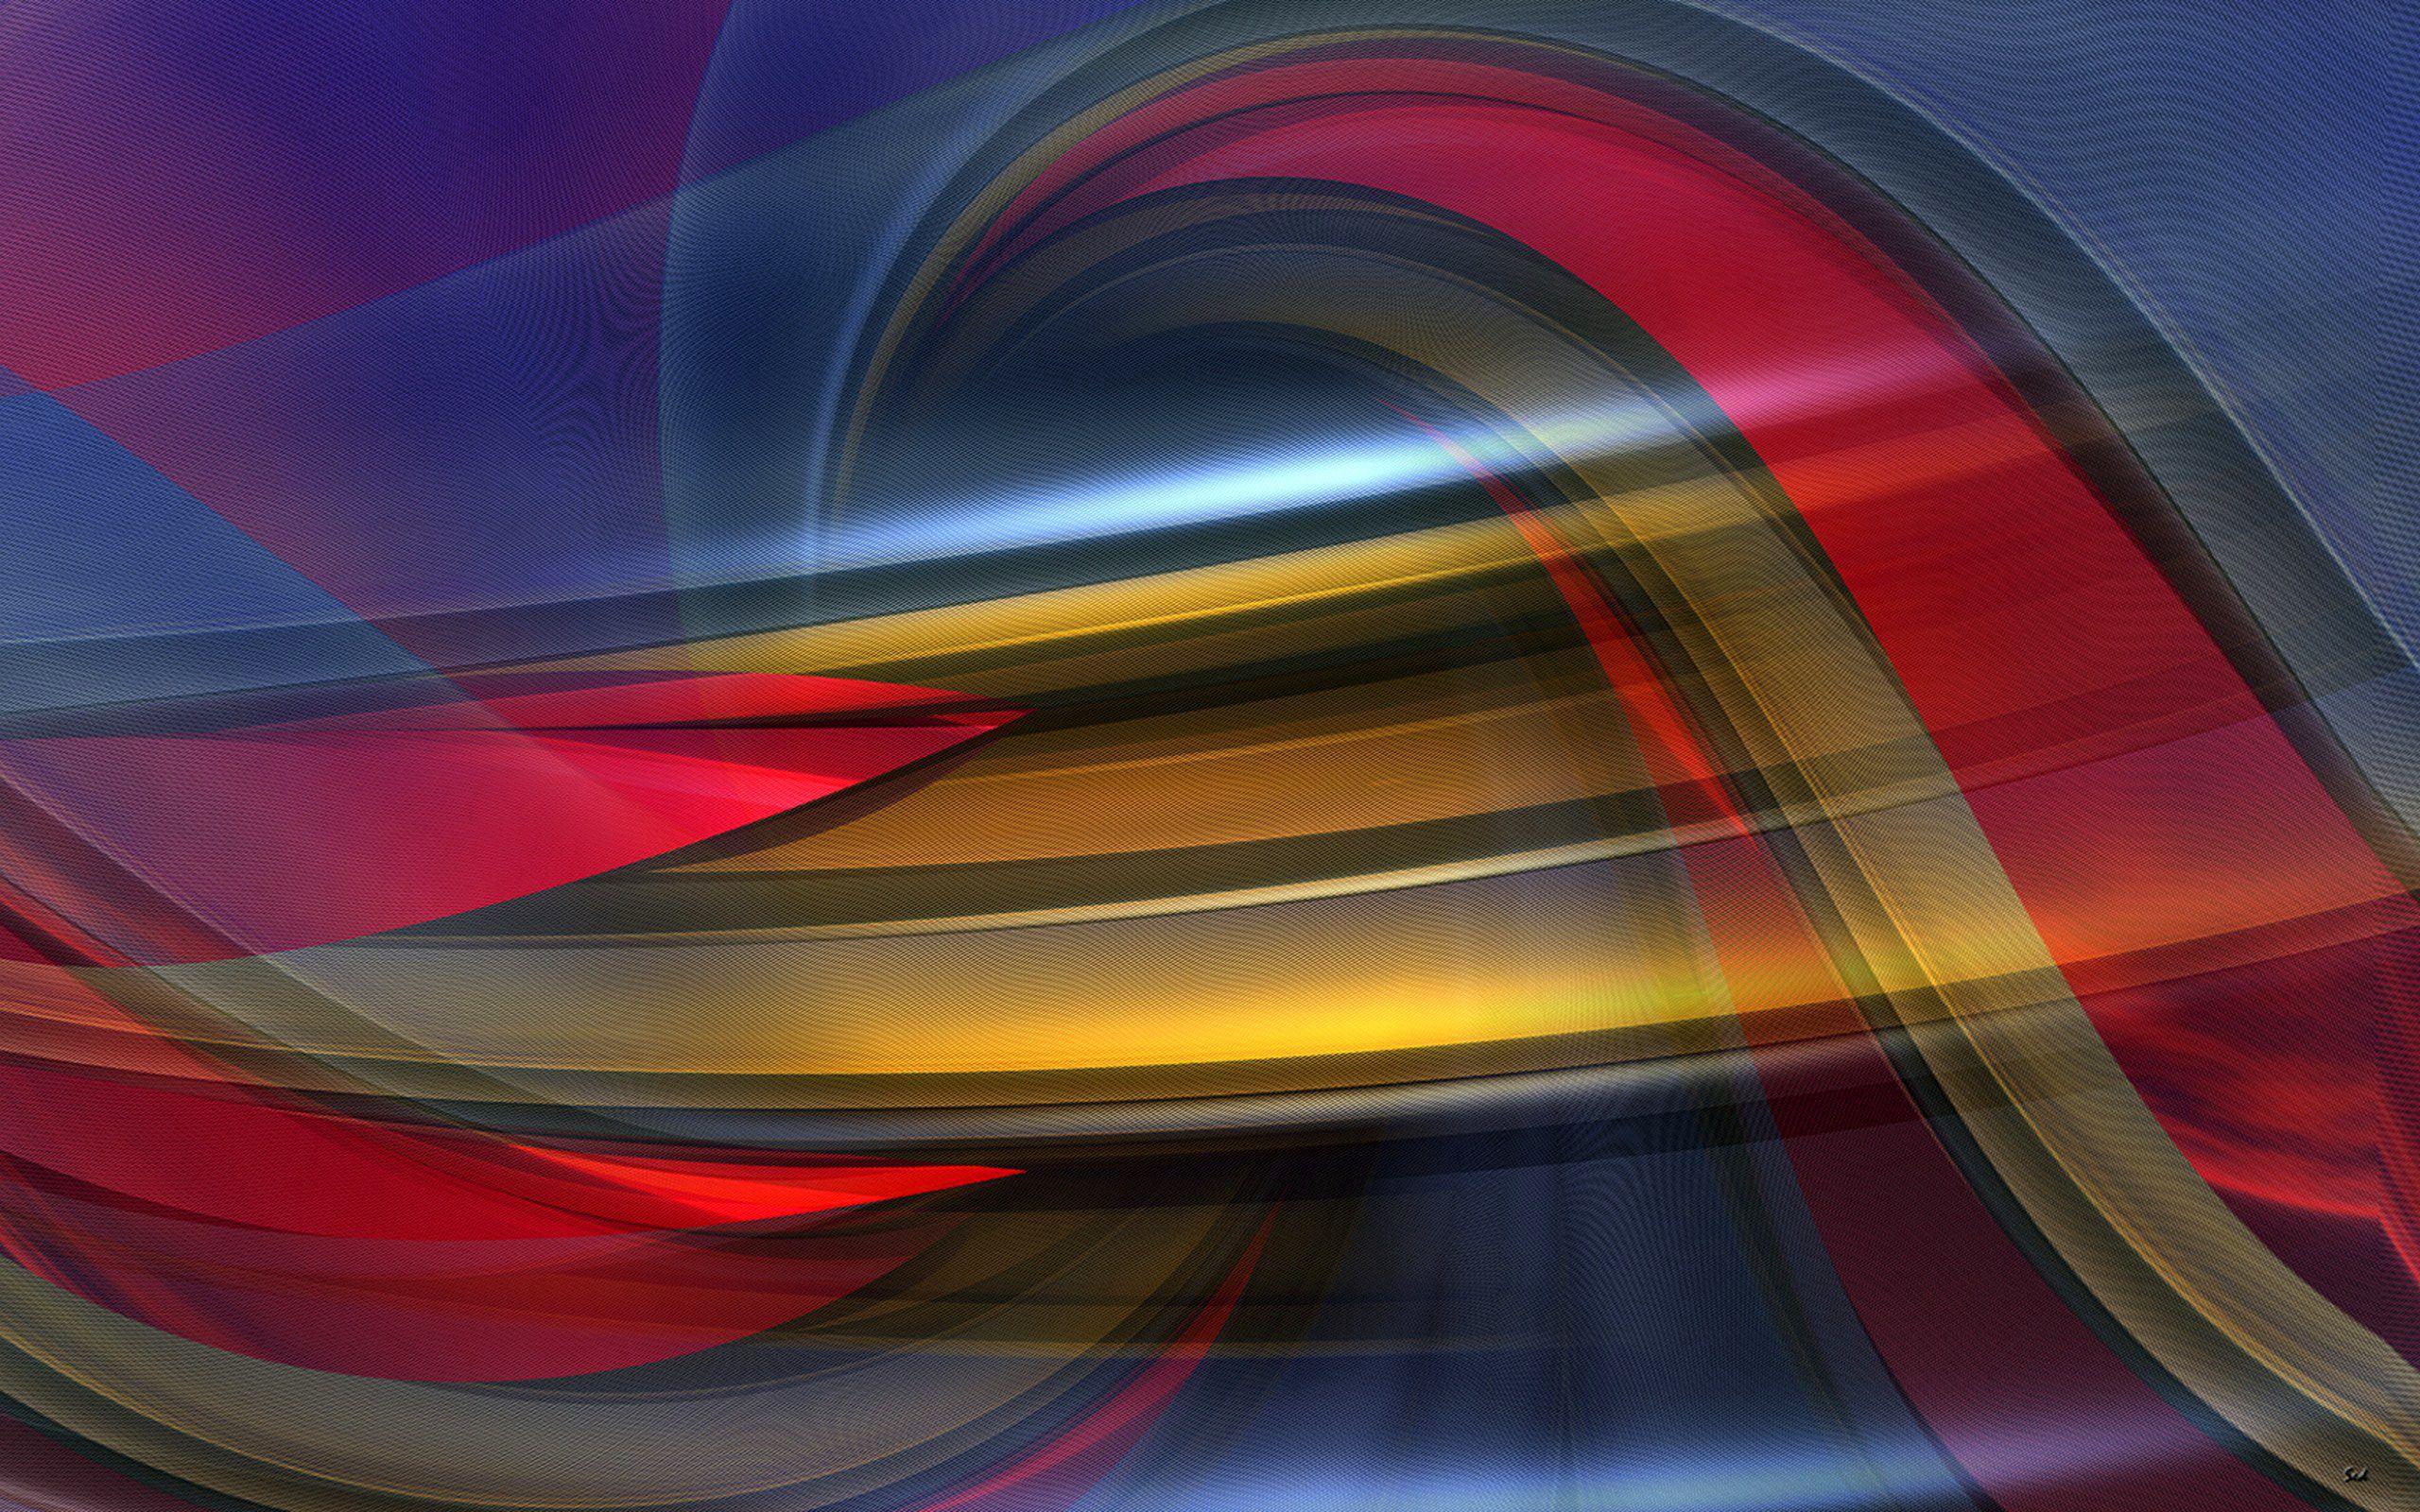 100560 économiseurs d'écran et fonds d'écran Abstrait sur votre téléphone. Téléchargez Abstrait, Lignes, Poutres, Rayons, Pliant, Courber, Arc, Le Volume, Volume, Texture images gratuitement